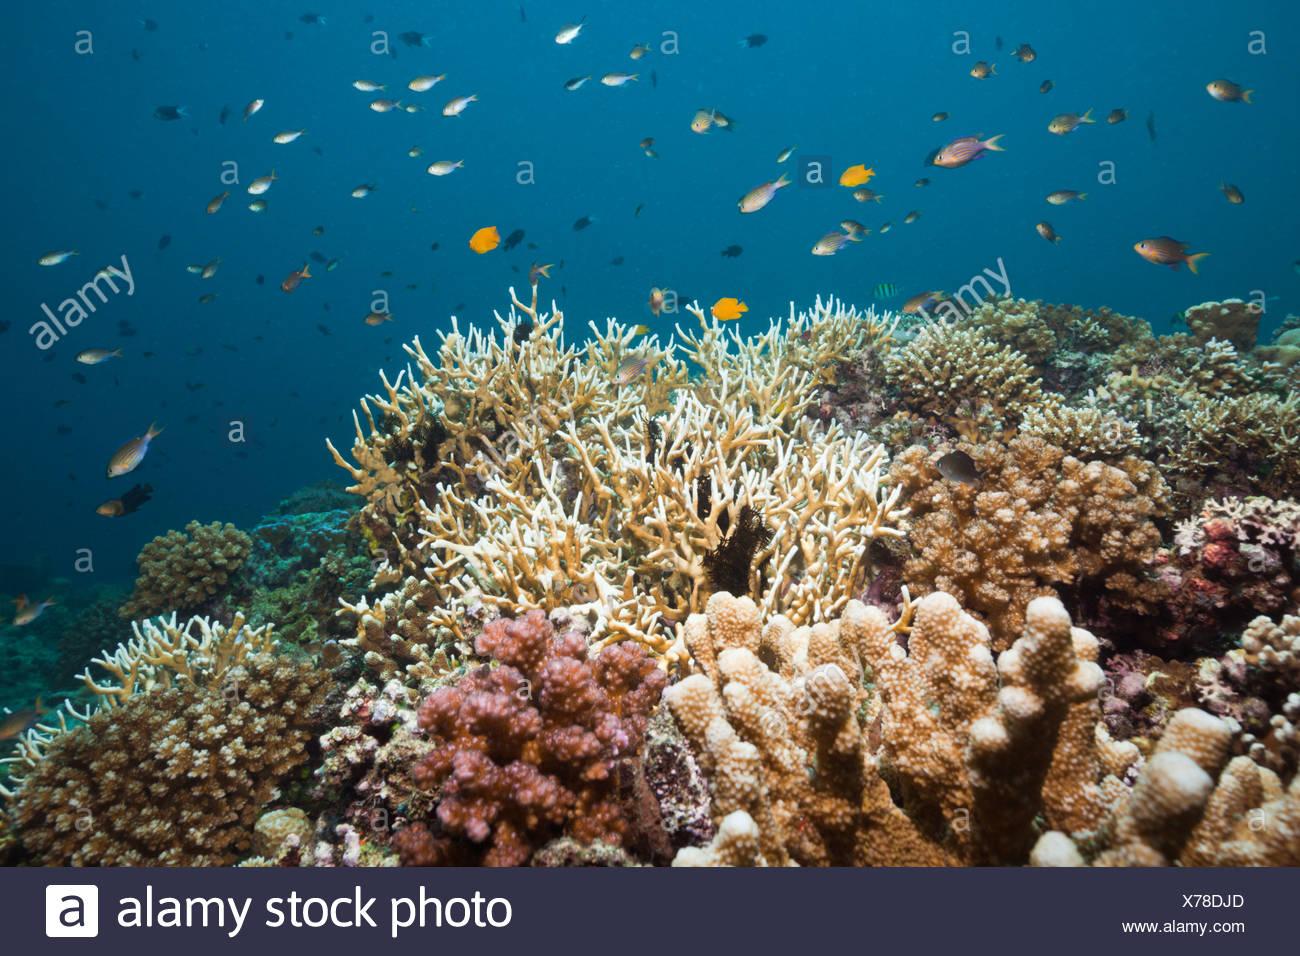 Pesci corallo su Hard Coral Reef, Chromis lineata, Cenderawashi Bay, Papua occidentale, in Indonesia Immagini Stock